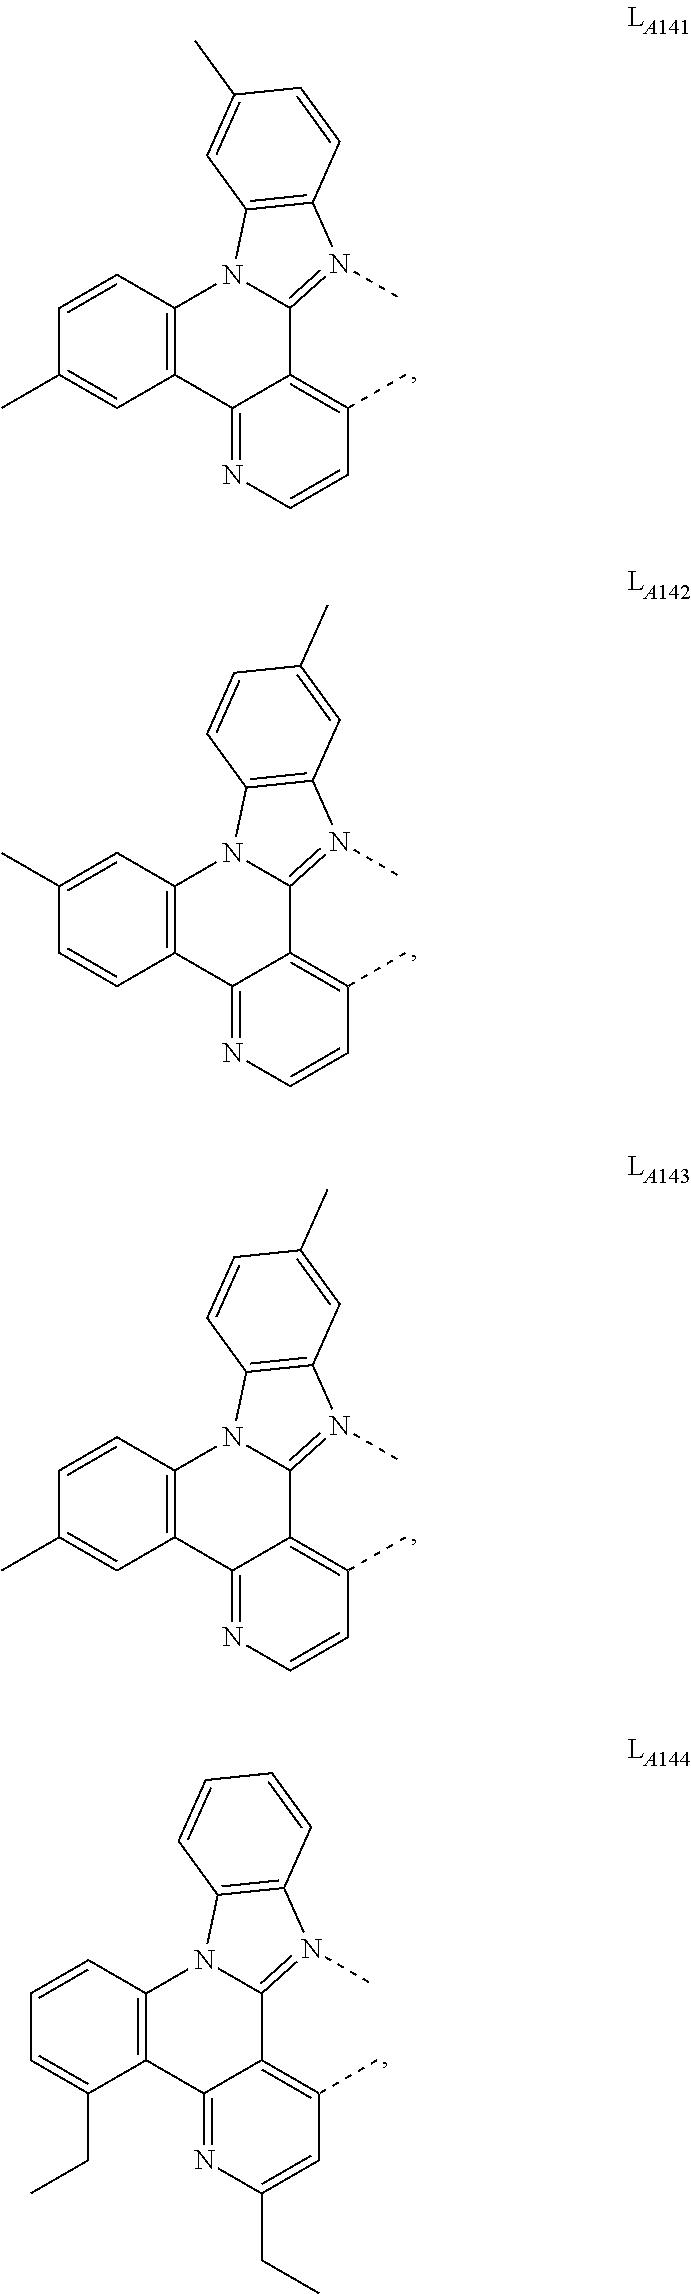 Figure US09905785-20180227-C00057